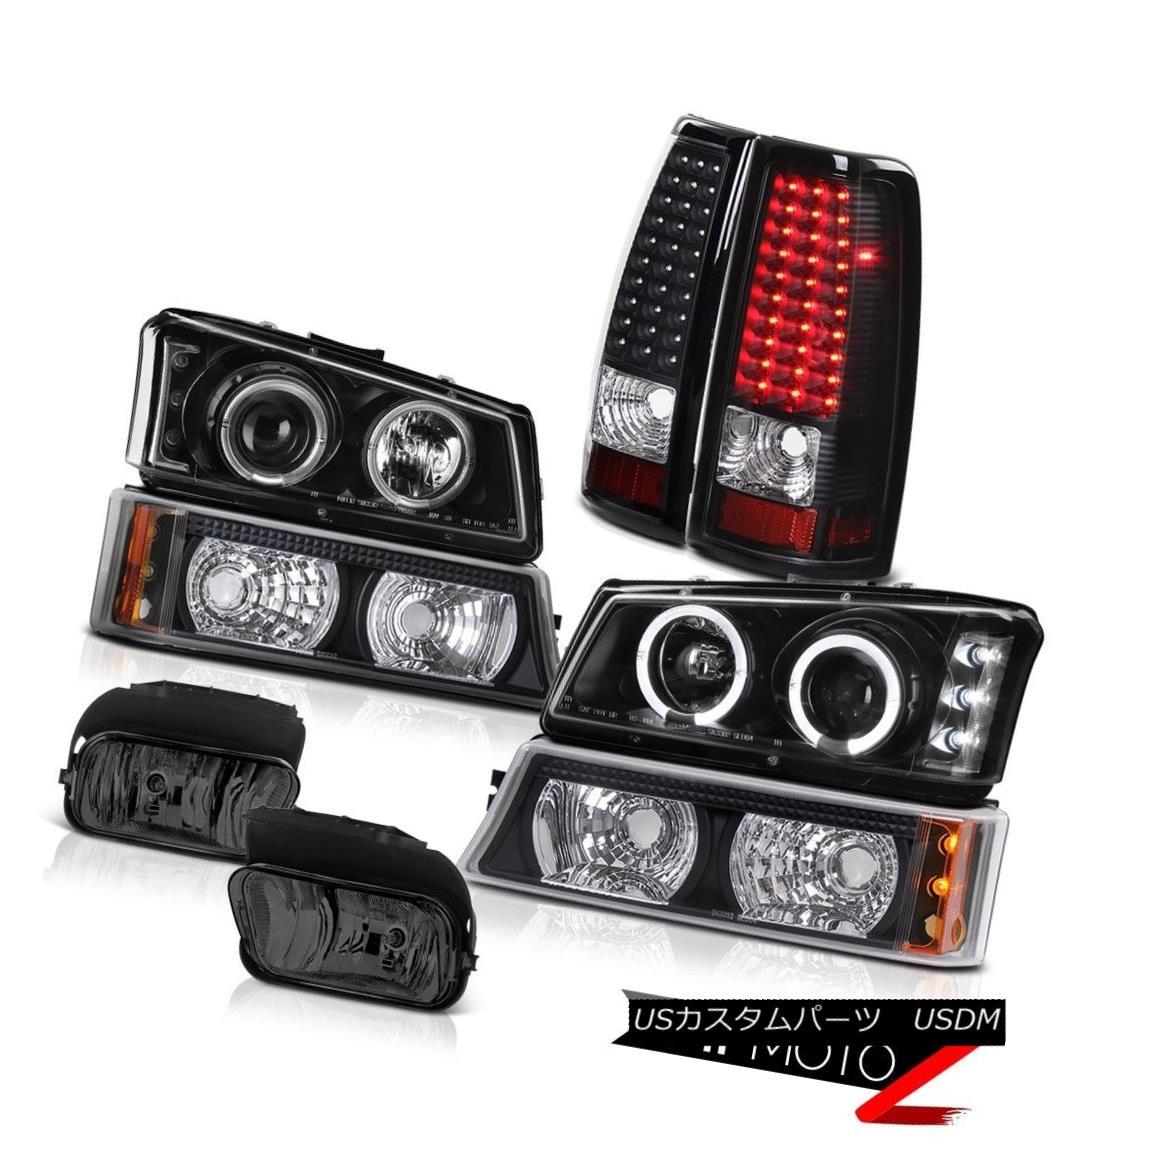 ヘッドライト LED Angel Eye Headlights Signal Matte Tail Light Bumper Foglamp 03-06 Silverado LEDエンジェルアイヘッドライト信号マットテールライトバンパーフォグランプ03-06シルバラード